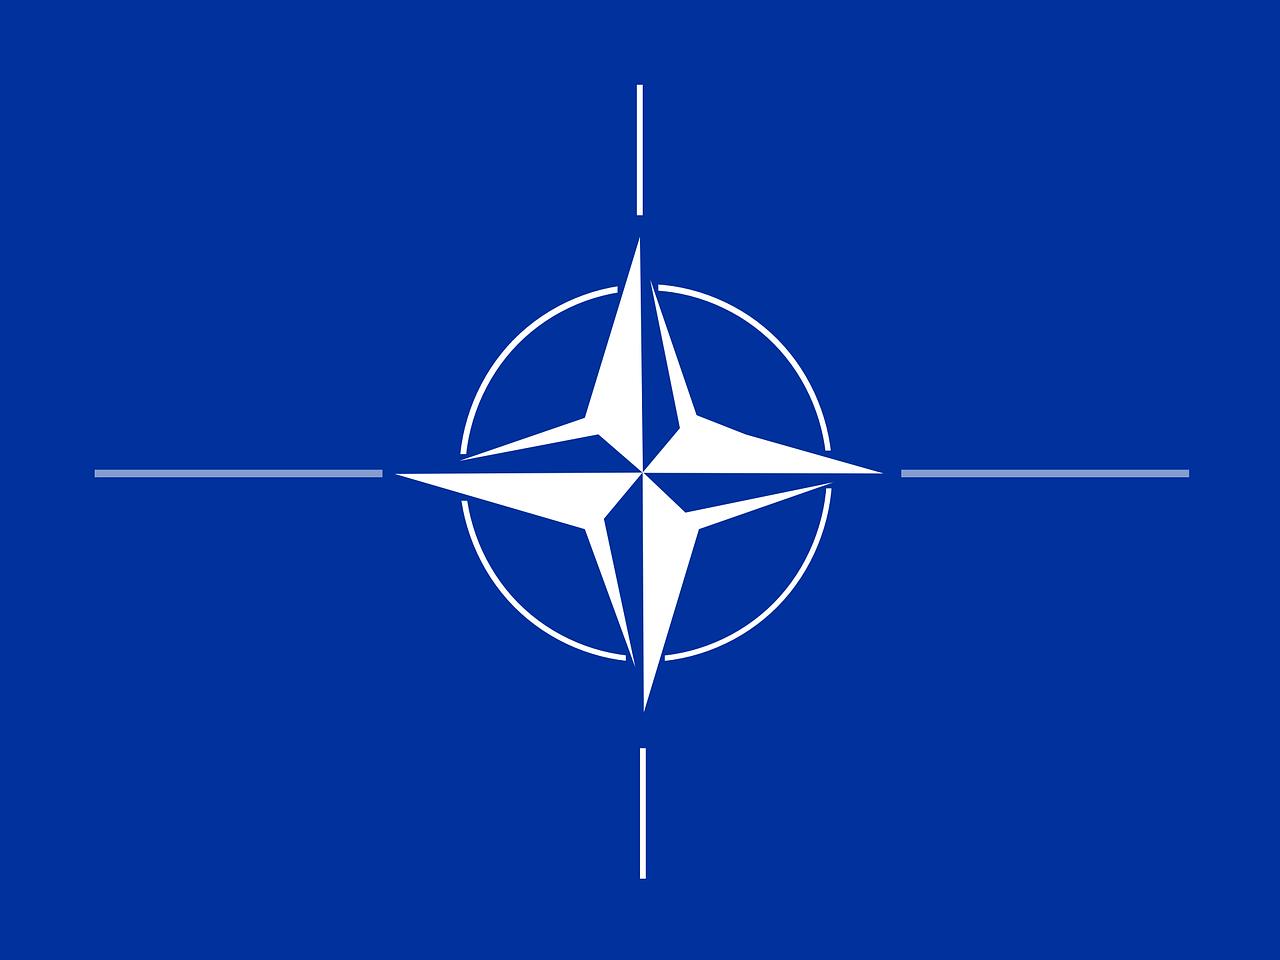 Defender Europe 2020: sera-t-il quand même réalisé?